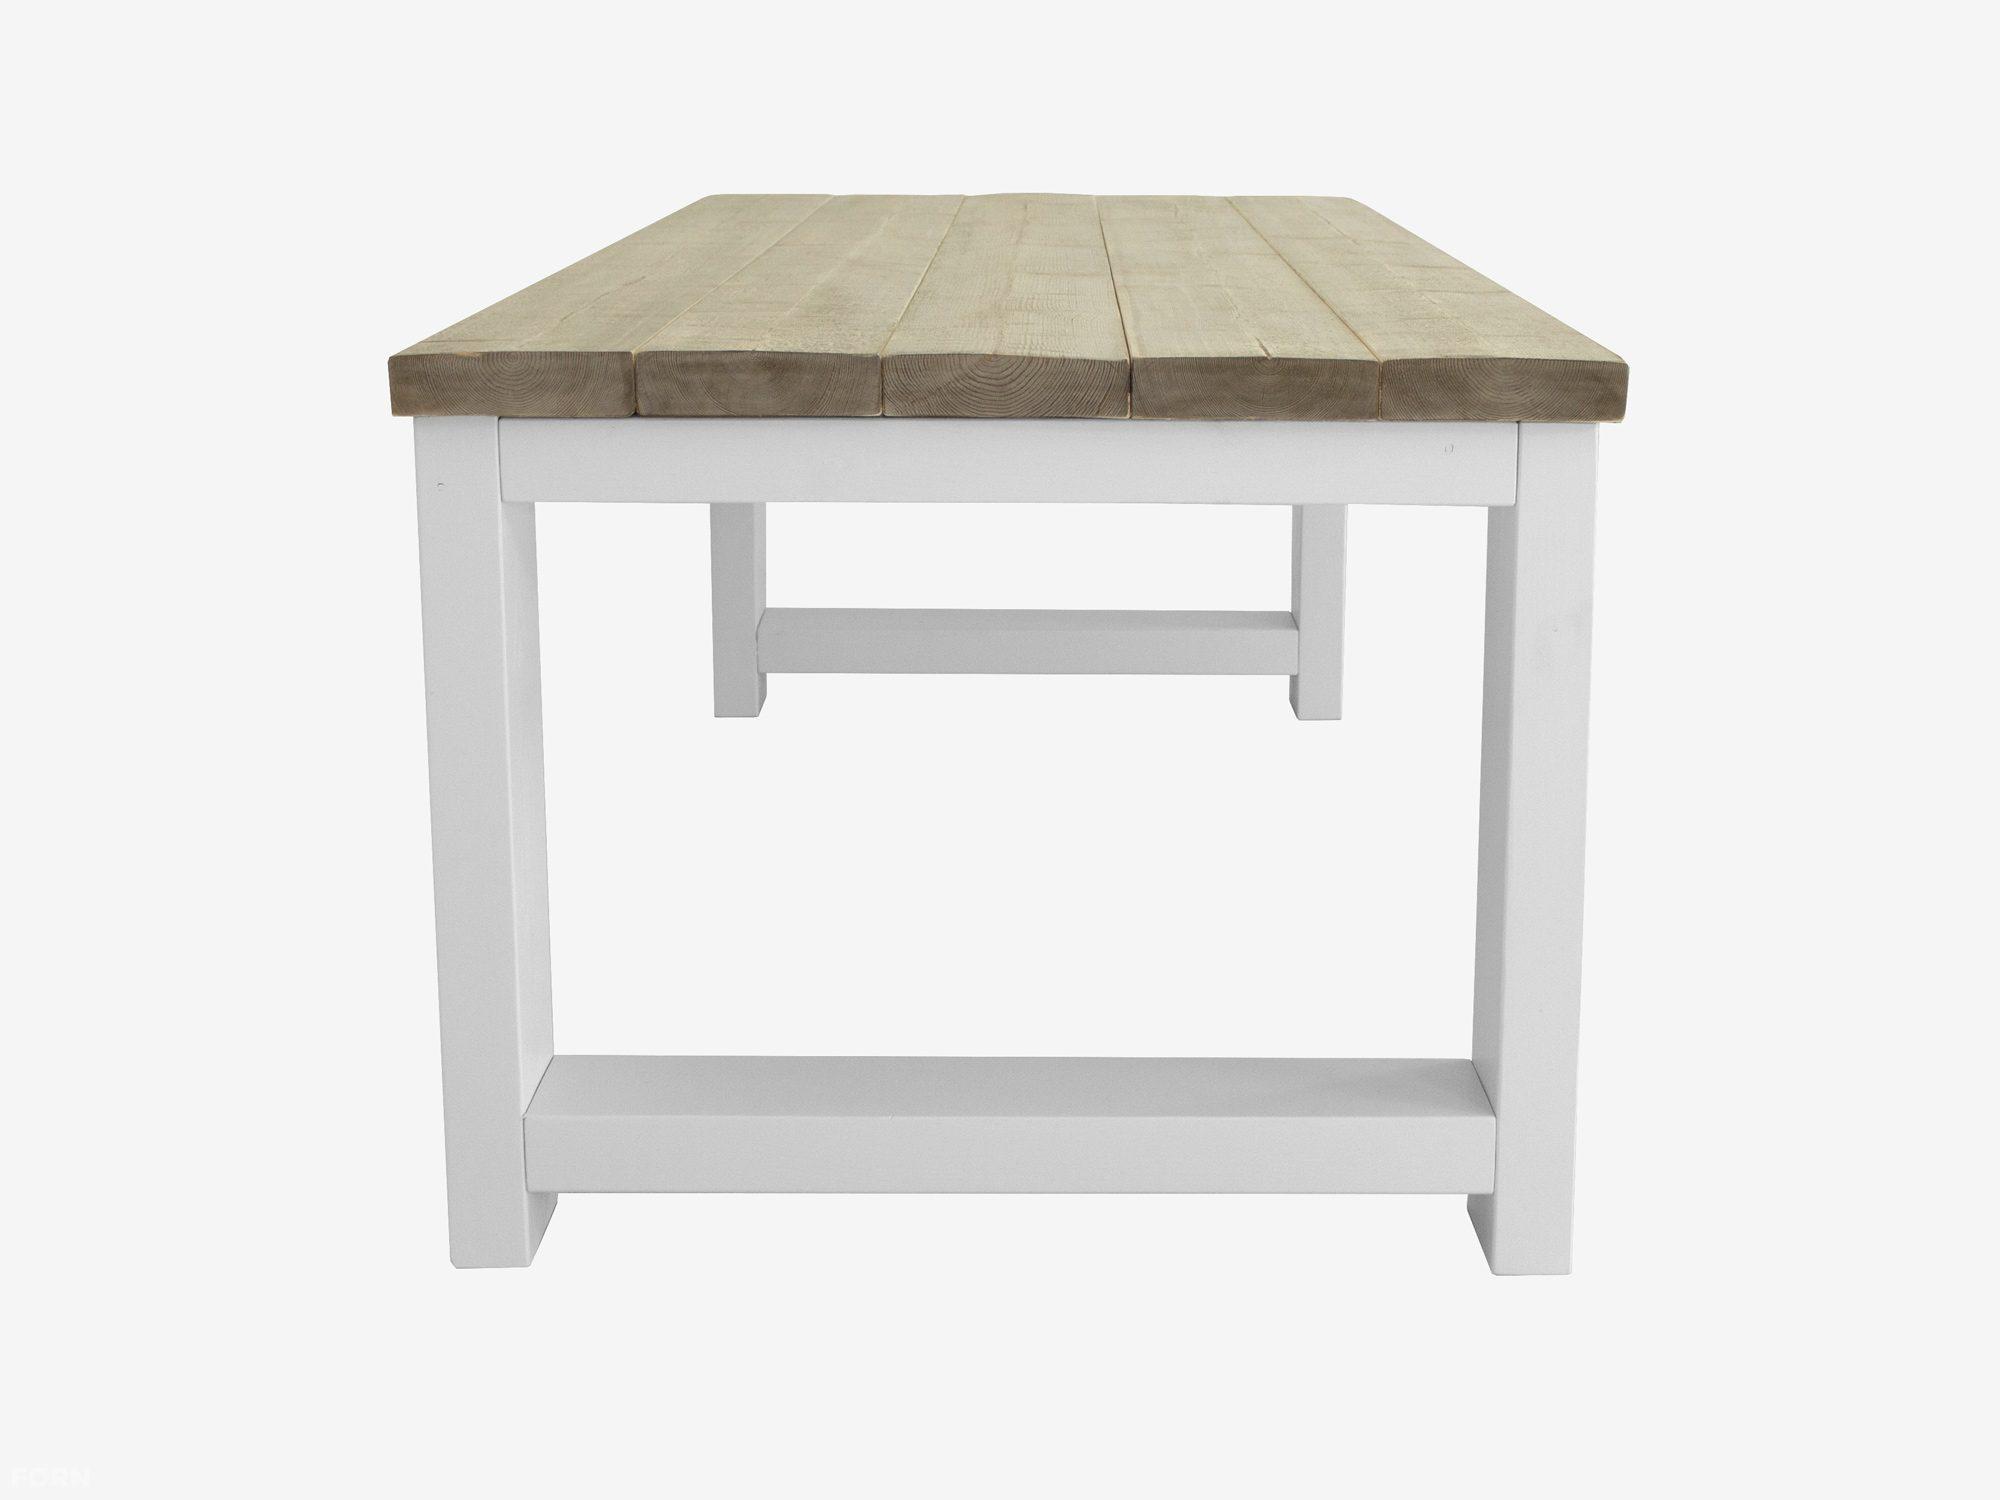 Bauholz Tisch mit weißer Lackierung - Bauholz Möbel